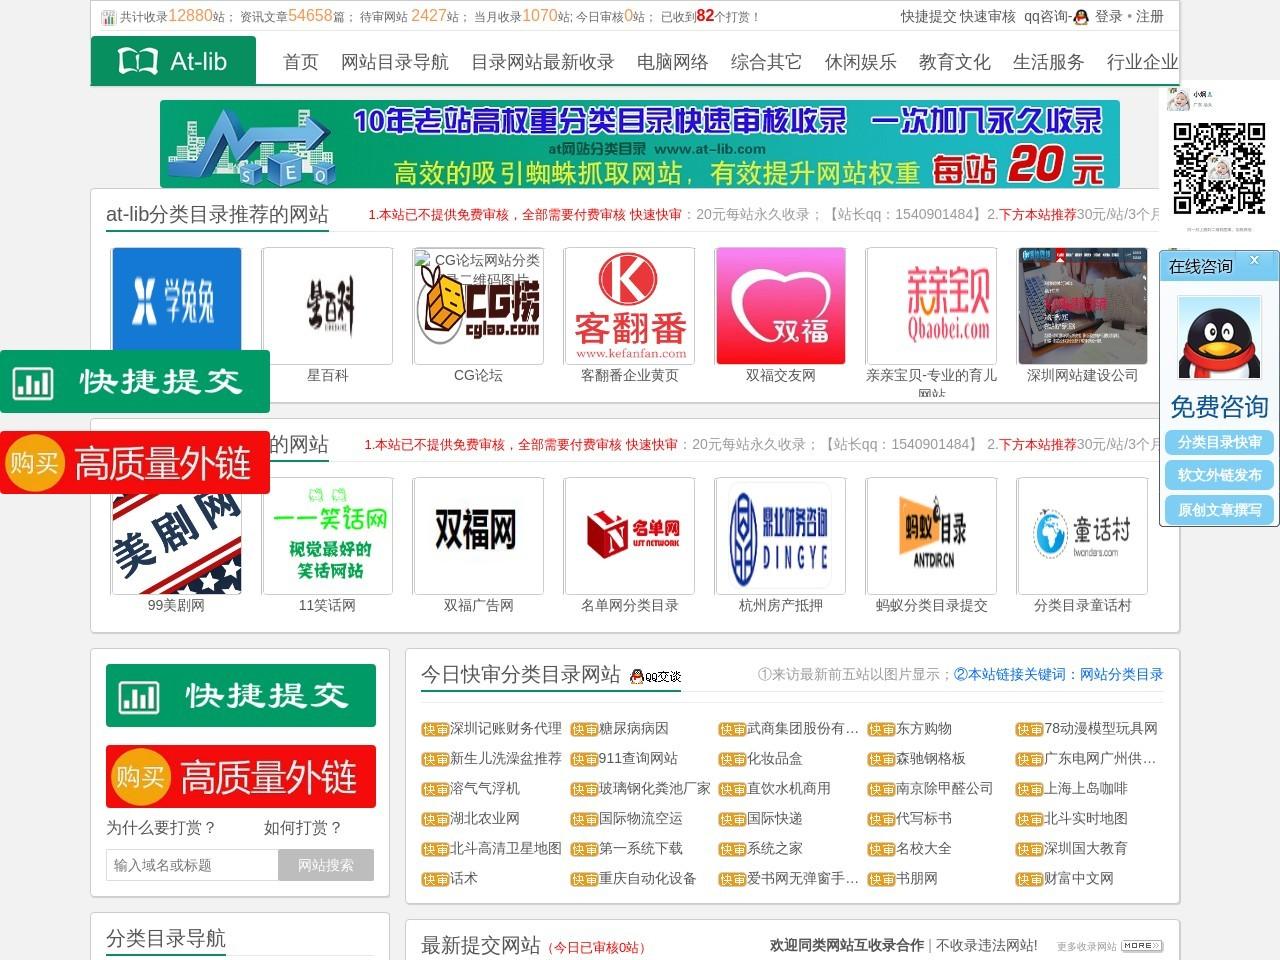 at-lib网站分类目录截图